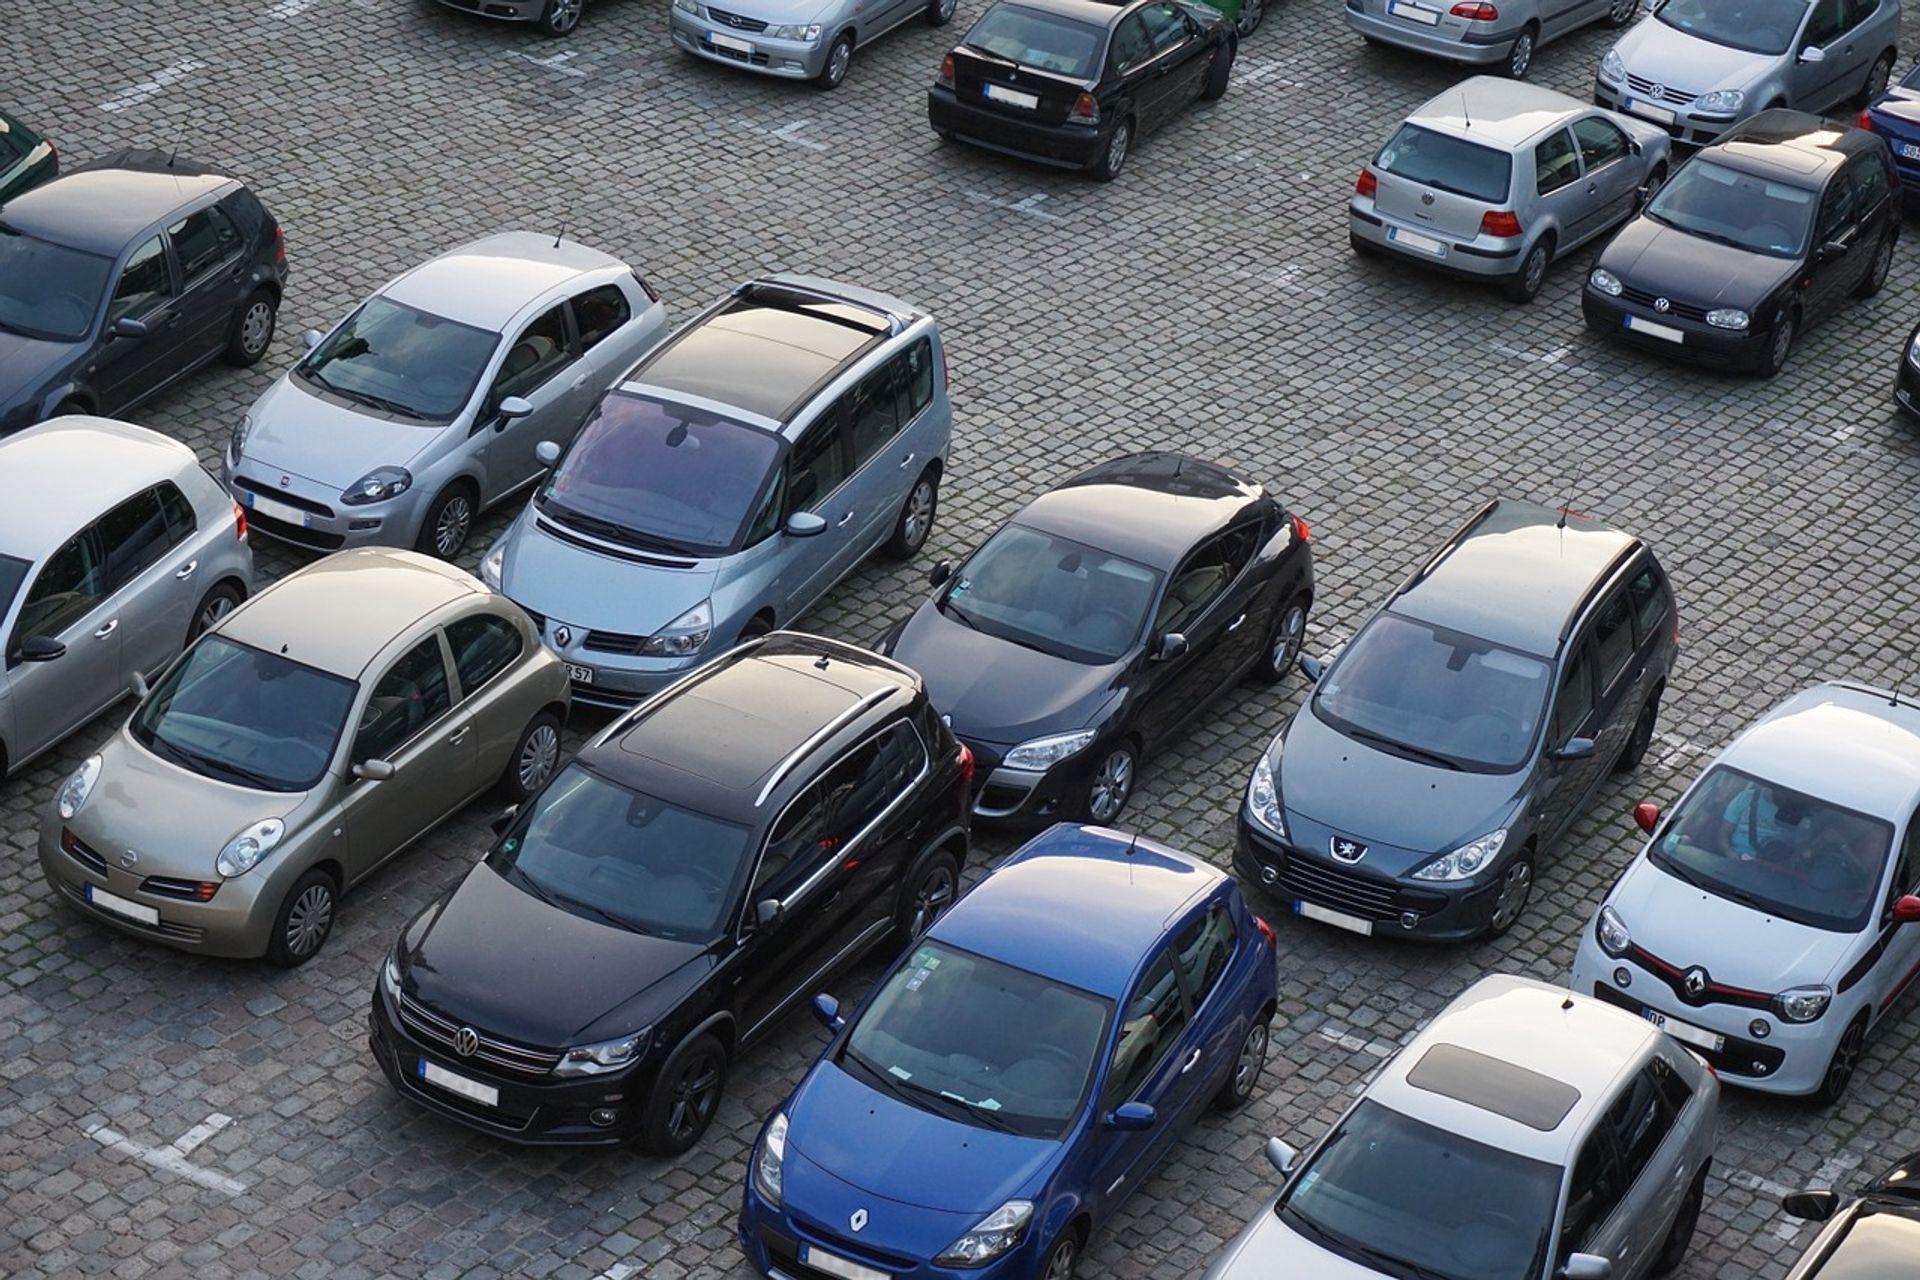 [Wrocław] Powstaje system Parkuj i Jedź. Miasto wybuduje siedem parkingów